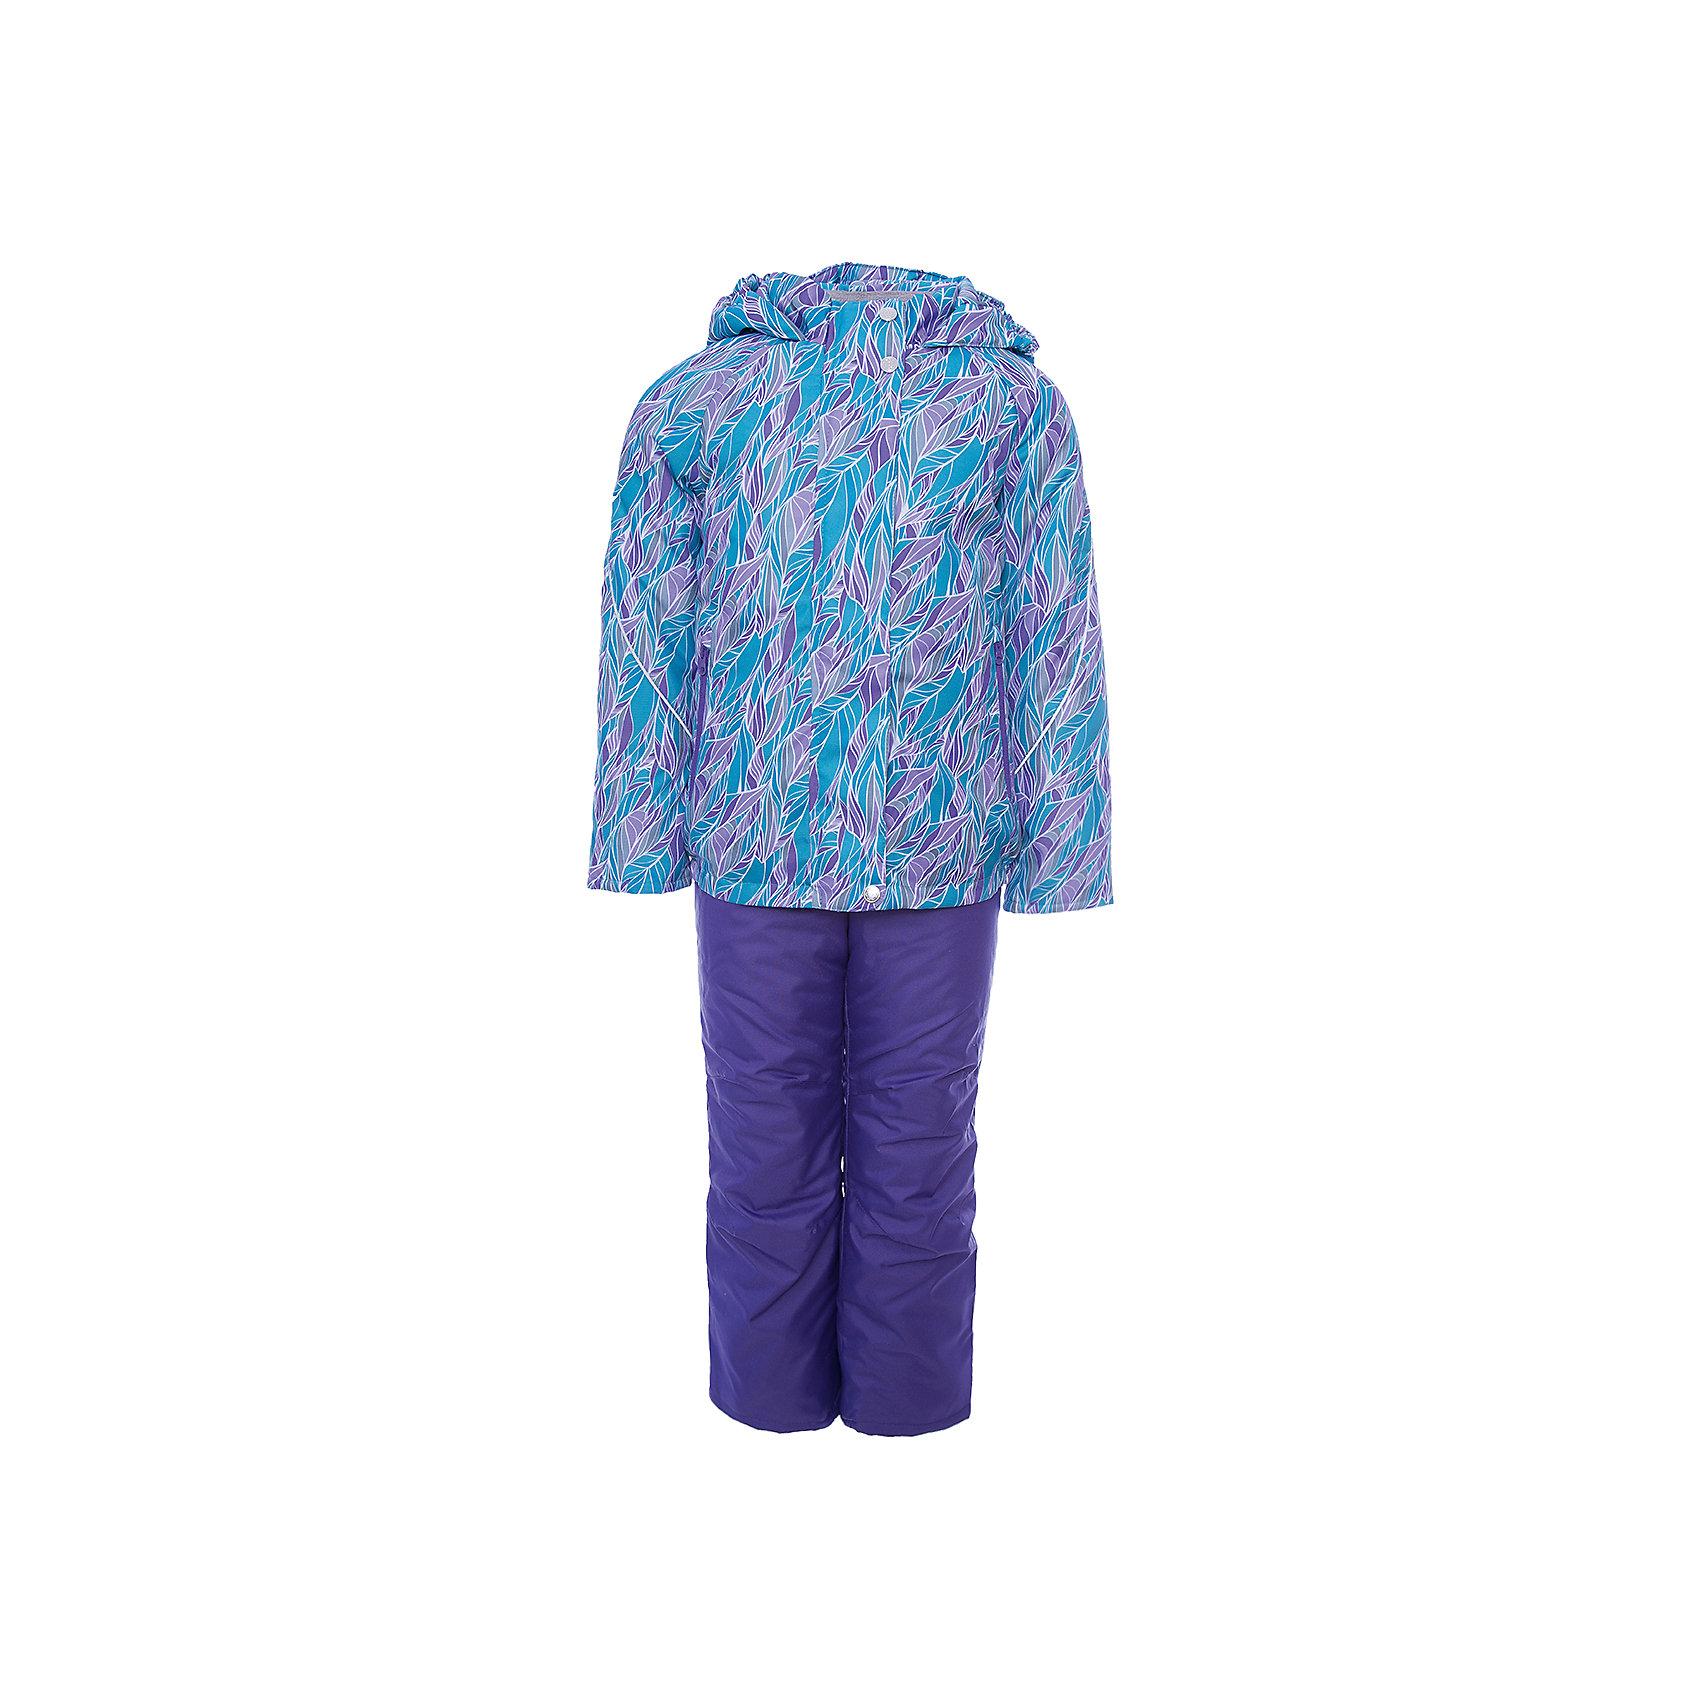 Комплект: куртка и полукомбинезон Адела OLDOS для девочкиВерхняя одежда<br>Характеристики товара:<br><br>• цвет: фиолетовый<br>• комплектация: куртка и полукомбинезон<br>• состав ткани: полиэстер<br>• подкладка: флис<br>• утеплитель: Hollofan <br>• сезон: зима<br>• мембранное покрытие<br>• температурный режим: от -30 до 0<br>• водонепроницаемость: 3000 мм <br>• паропроницаемость: 3000 г/м2<br>• плотность утеплителя: куртка - 300 г/м2, полукомбинезон - 150 г/м2<br>• застежка: молния<br>• капюшон: без меха, несъемный<br>• страна бренда: Россия<br>• страна изготовитель: Россия<br><br>Стильный зимний комплект от бренда Oldos разработан специально для детей. Мембранное покрытие такого детского комплекта - это защита от воды и грязи, износостойкость, за ним легко ухаживать. Такой мембранный комплект для девочки дополнен элементами, помогающими подогнать его размер под ребенка. <br><br>Комплект: куртка и полукомбинезон Адела Oldos (Олдос) для девочки можно купить в нашем интернет-магазине.<br><br>Ширина мм: 356<br>Глубина мм: 10<br>Высота мм: 245<br>Вес г: 519<br>Цвет: лиловый<br>Возраст от месяцев: 96<br>Возраст до месяцев: 108<br>Пол: Женский<br>Возраст: Детский<br>Размер: 134,92,98,104,110,116,122,128<br>SKU: 7016329